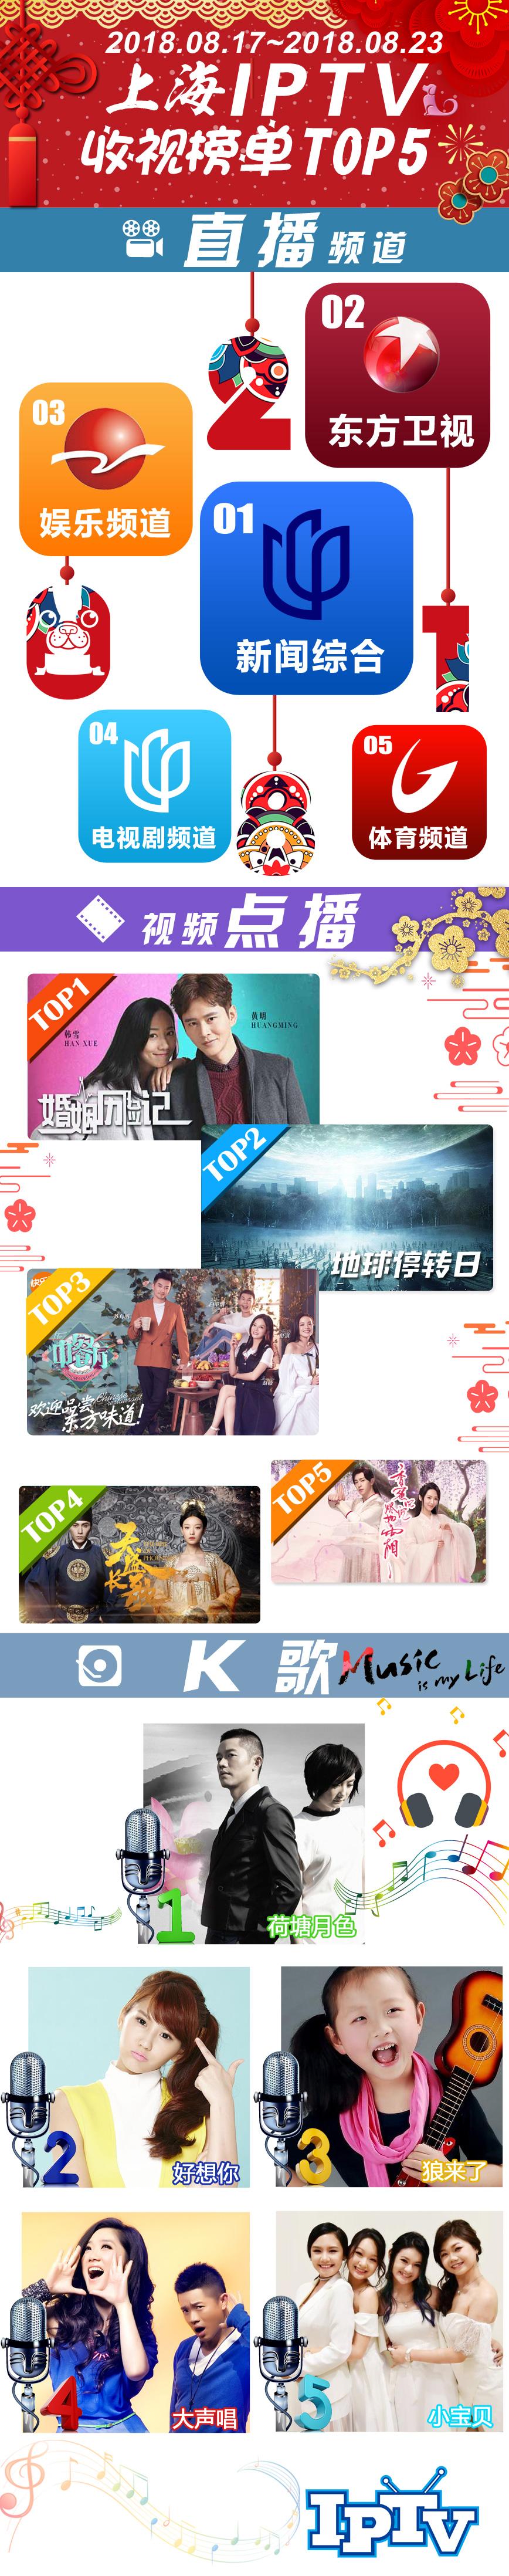 2018微博-上海IPTV收视榜单TOP5-180824.jpg